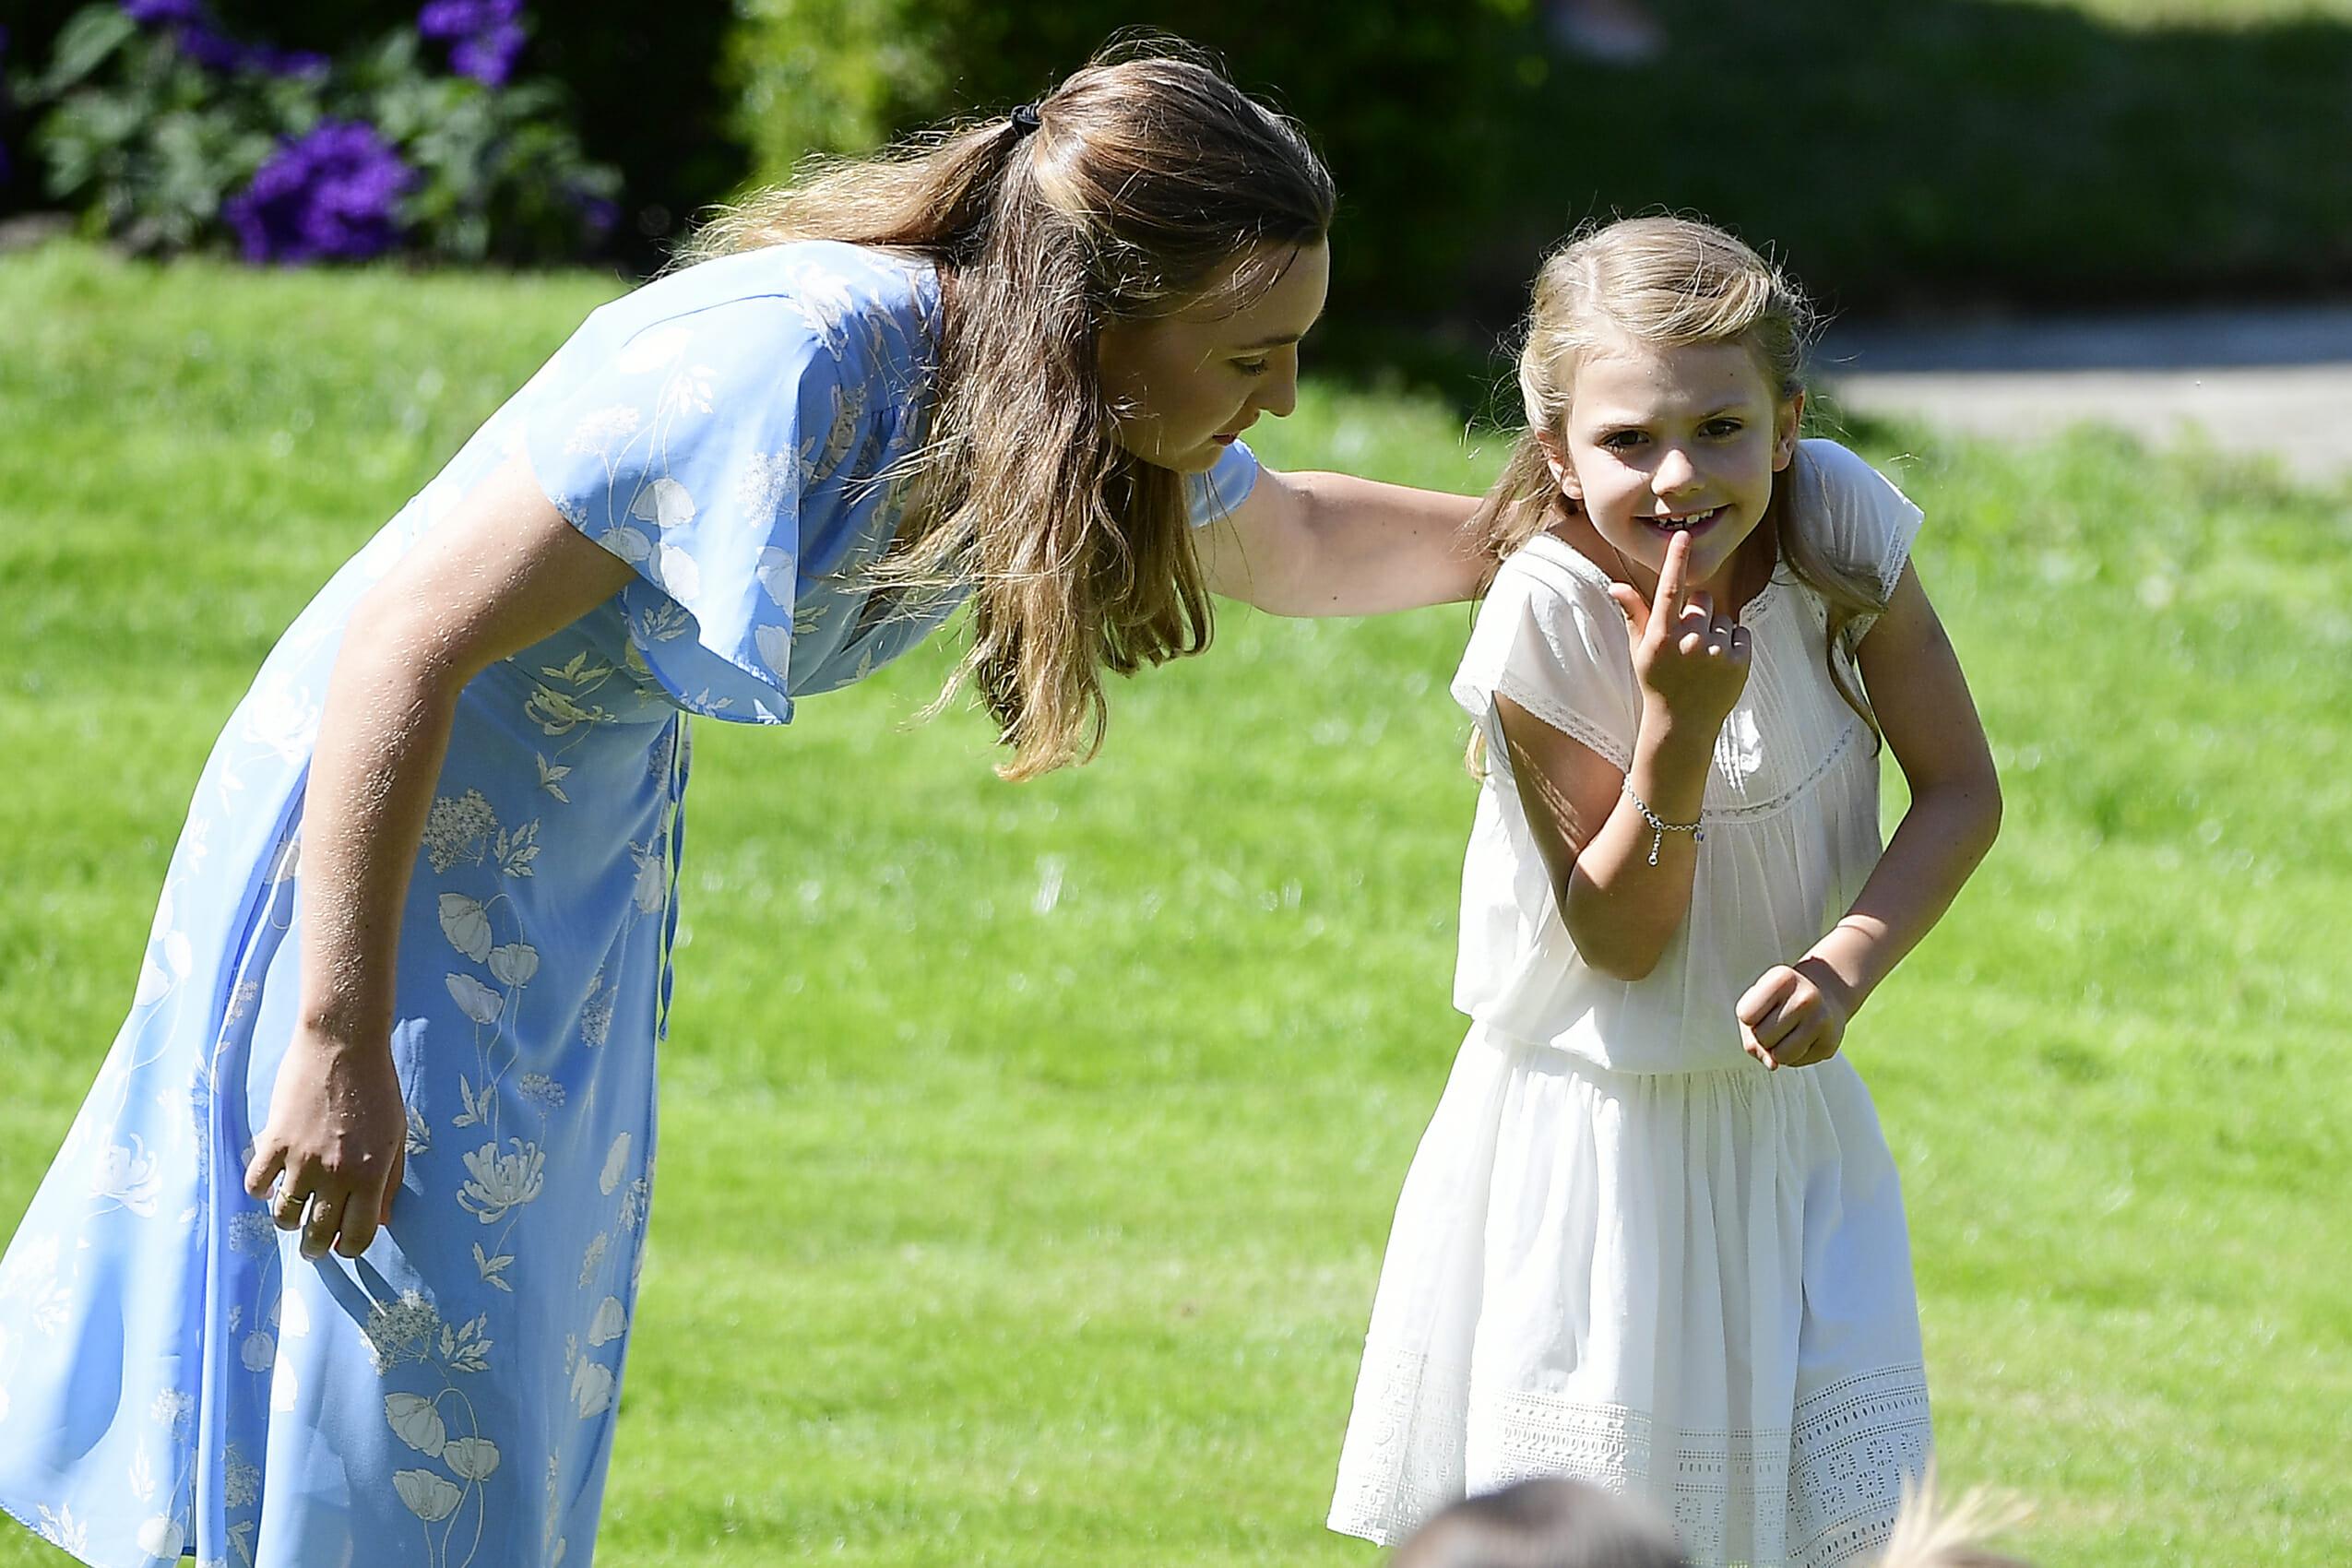 BORGHOLM 2019-07-14 Prinsessan Estelle tillsamman med barnflickan Elvira under Victoria dagen 2019 Kronprinsessan Victoria fyller 42 Âr ,Kronprinsessan Victoria födelsedag firades traditionsenligt på Solliden Borgholm den 14 Juli